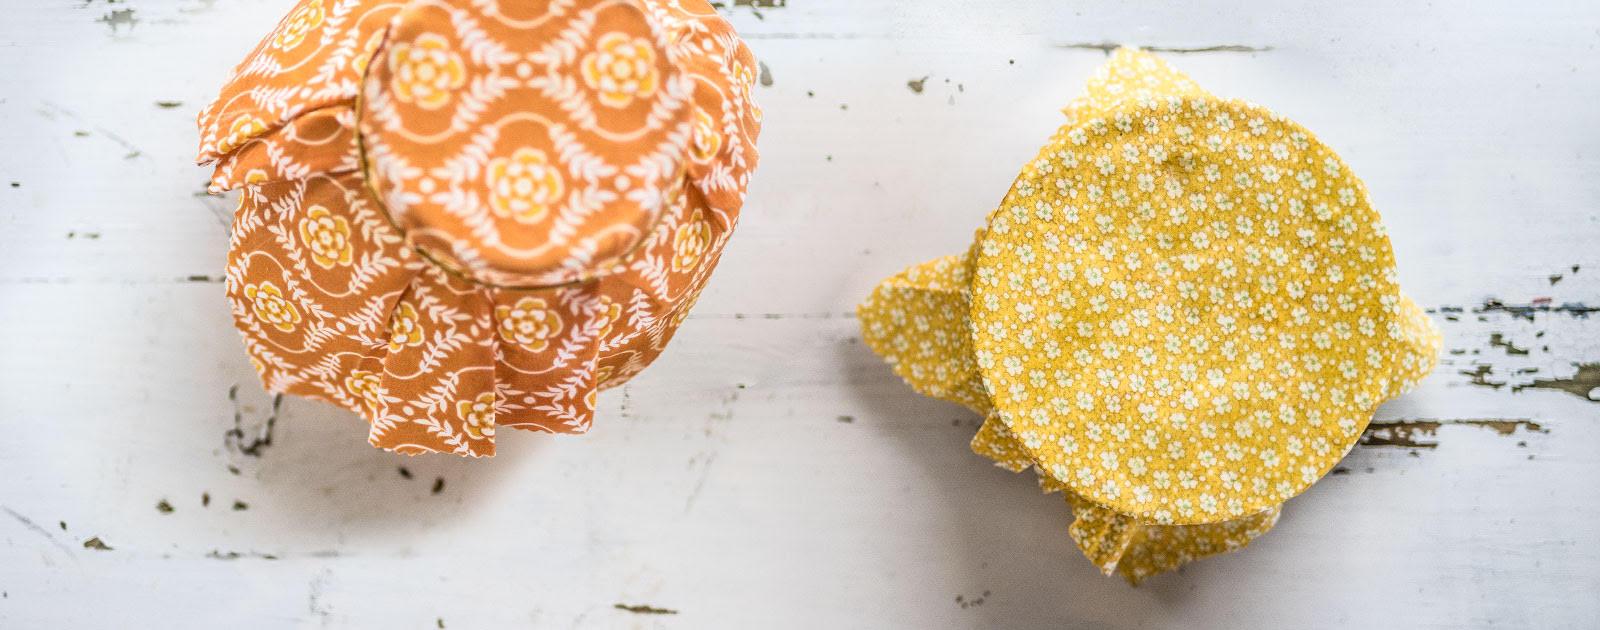 Emballages « zéro-déchet » à la cire d'abeille